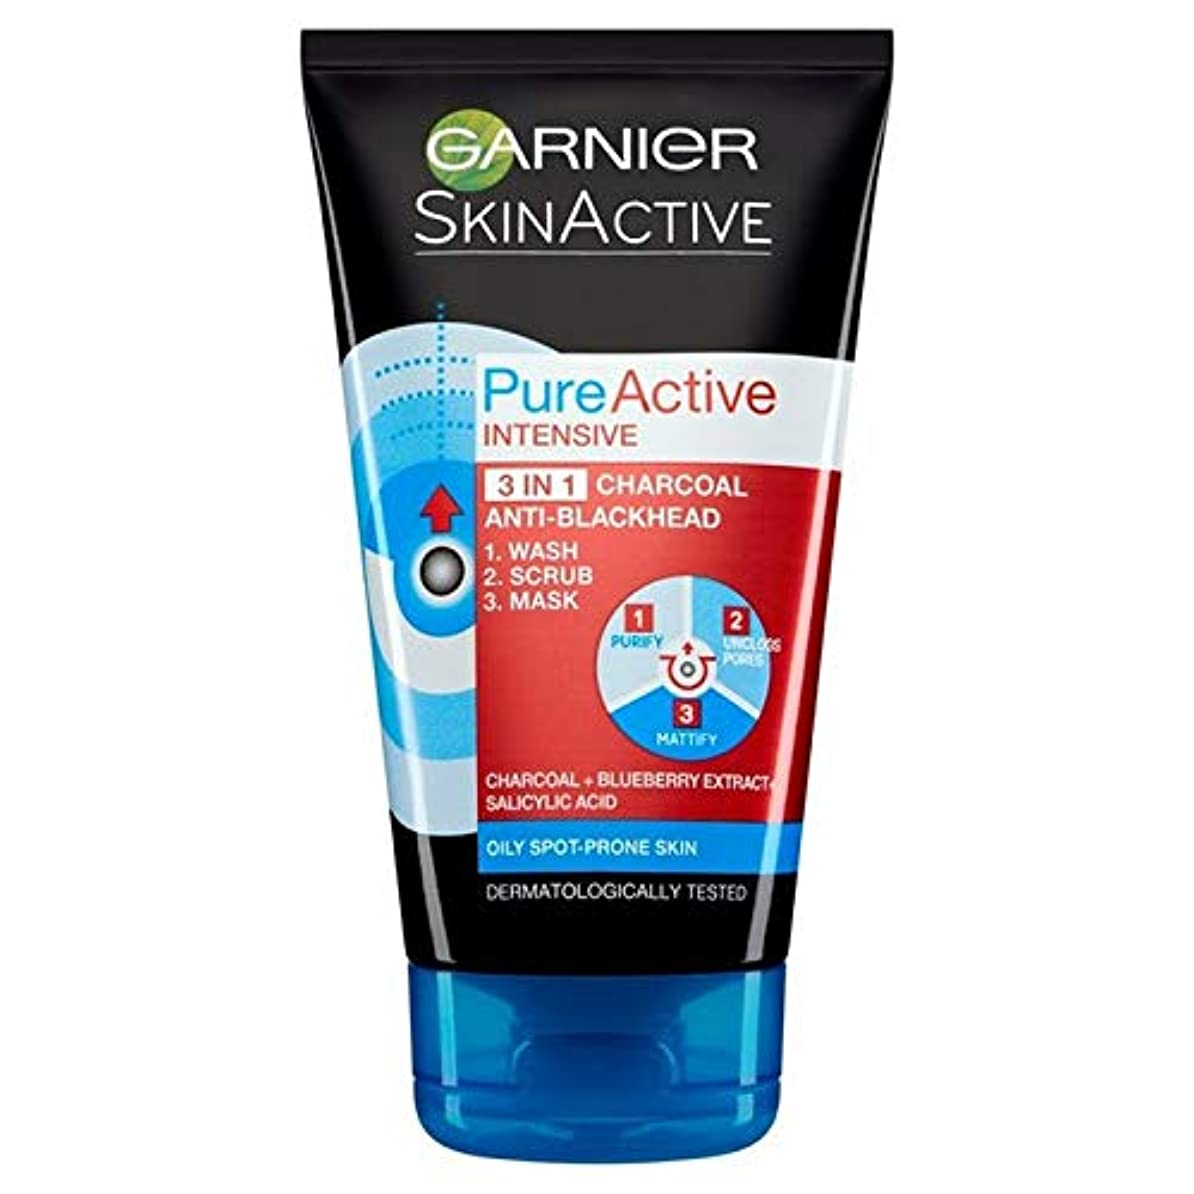 ルーチン相談する肥沃な[Garnier] 純粋な活性3In1の炭フェイスマスク、スクラブ?ウォッシュ150ミリリットル - Pure Active 3in1 Charcoal Face Mask, Scrub & Wash 150ml [並行輸入品]